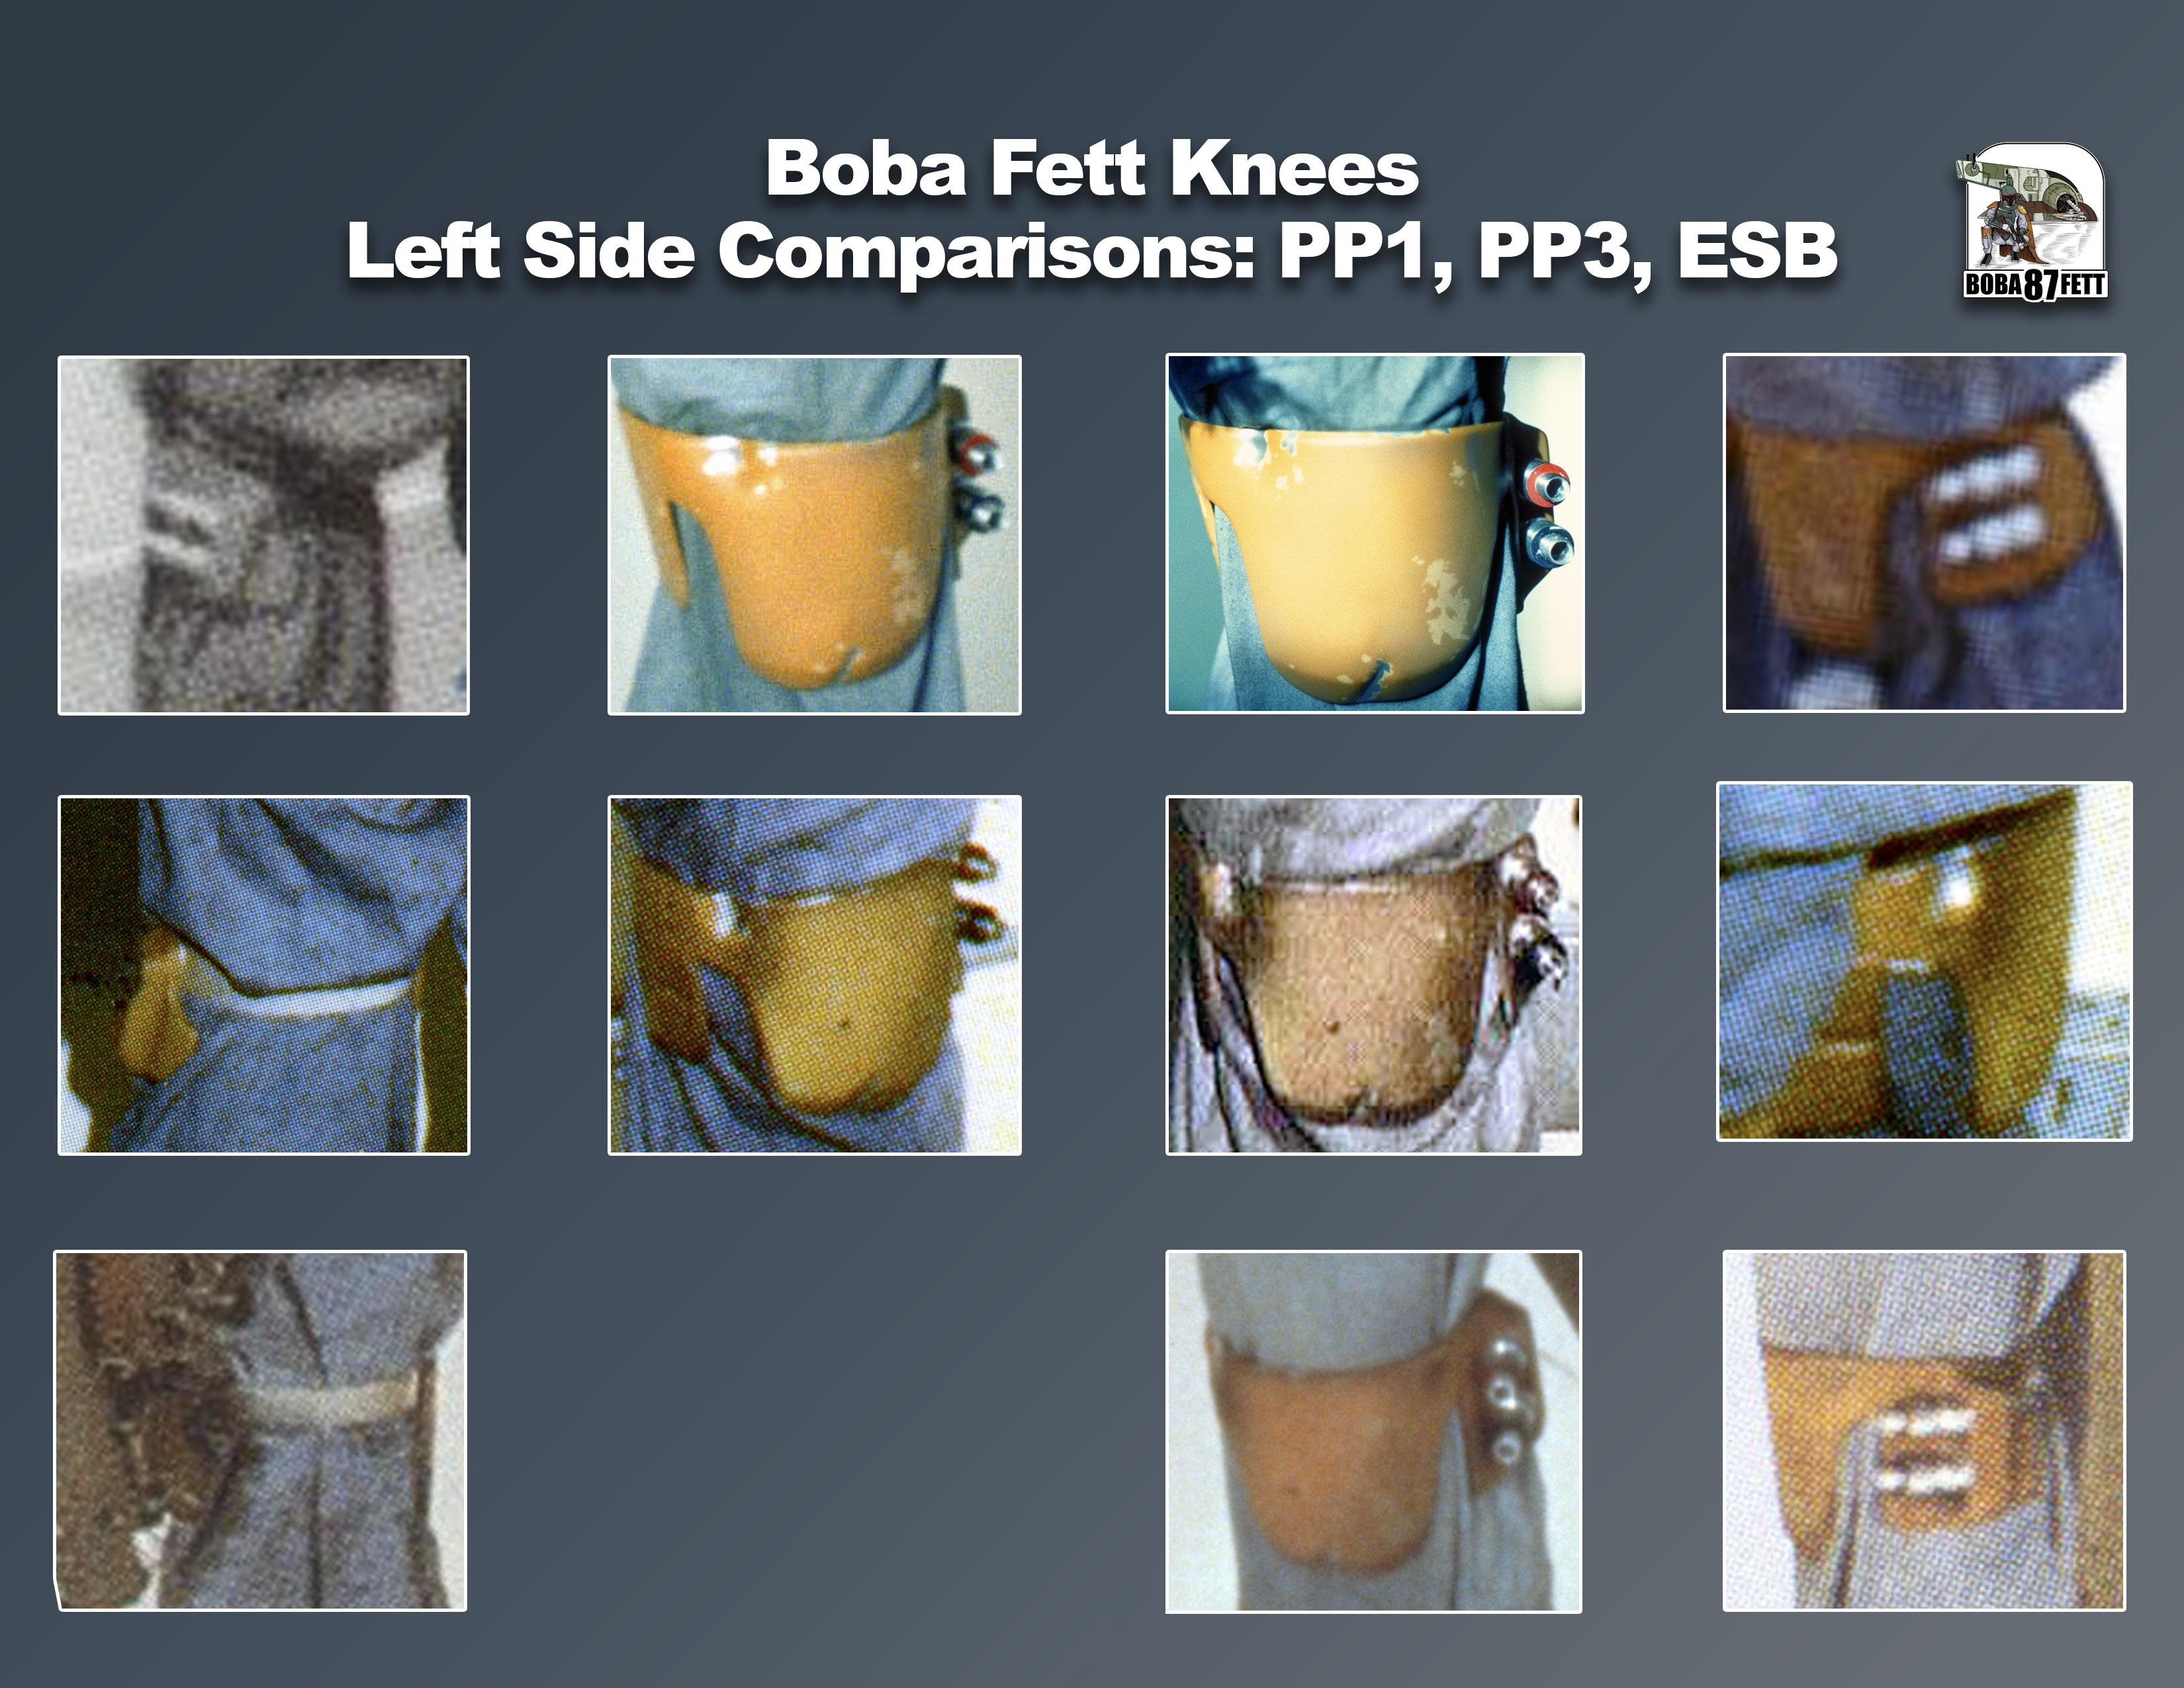 Boba-Fett-Knees-Comparison-Left.jpg